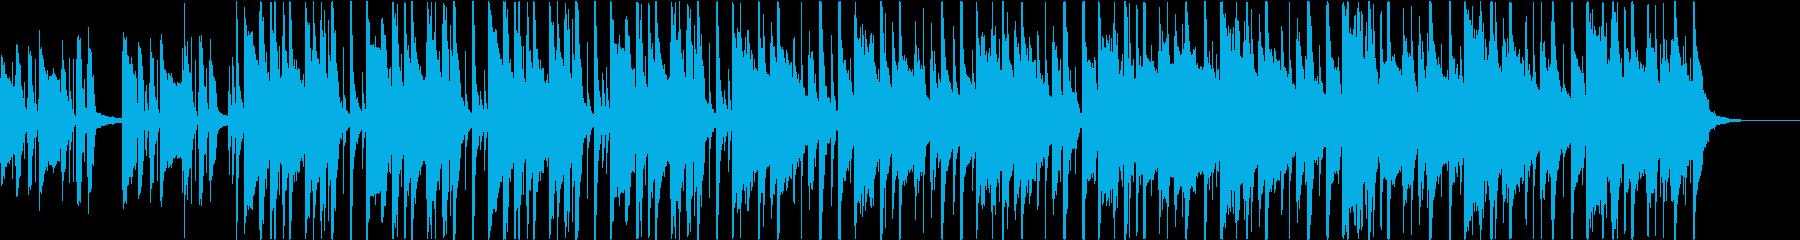 カッティング、都会的なファンクBGMの再生済みの波形